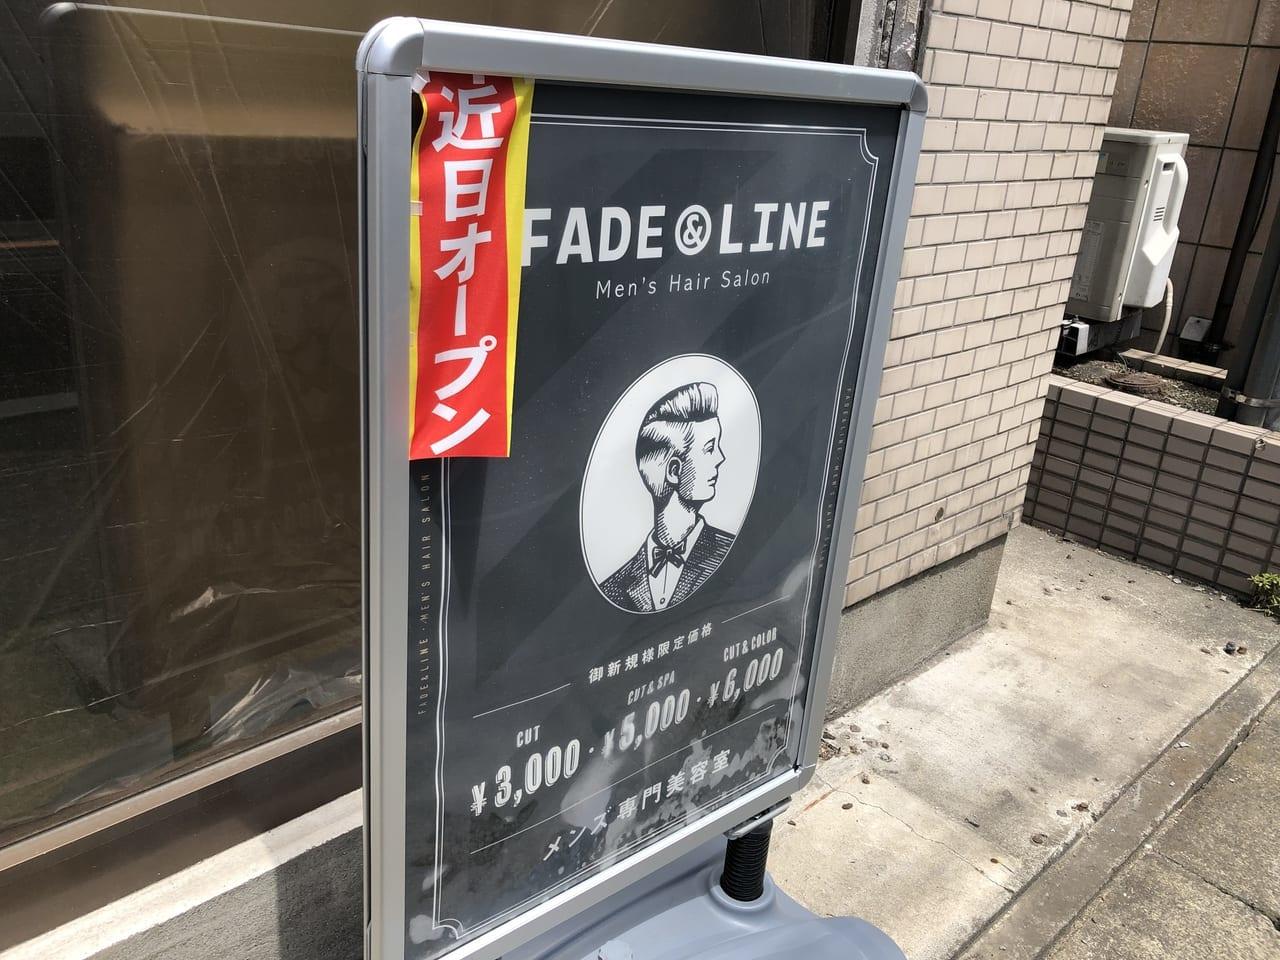 fade&line